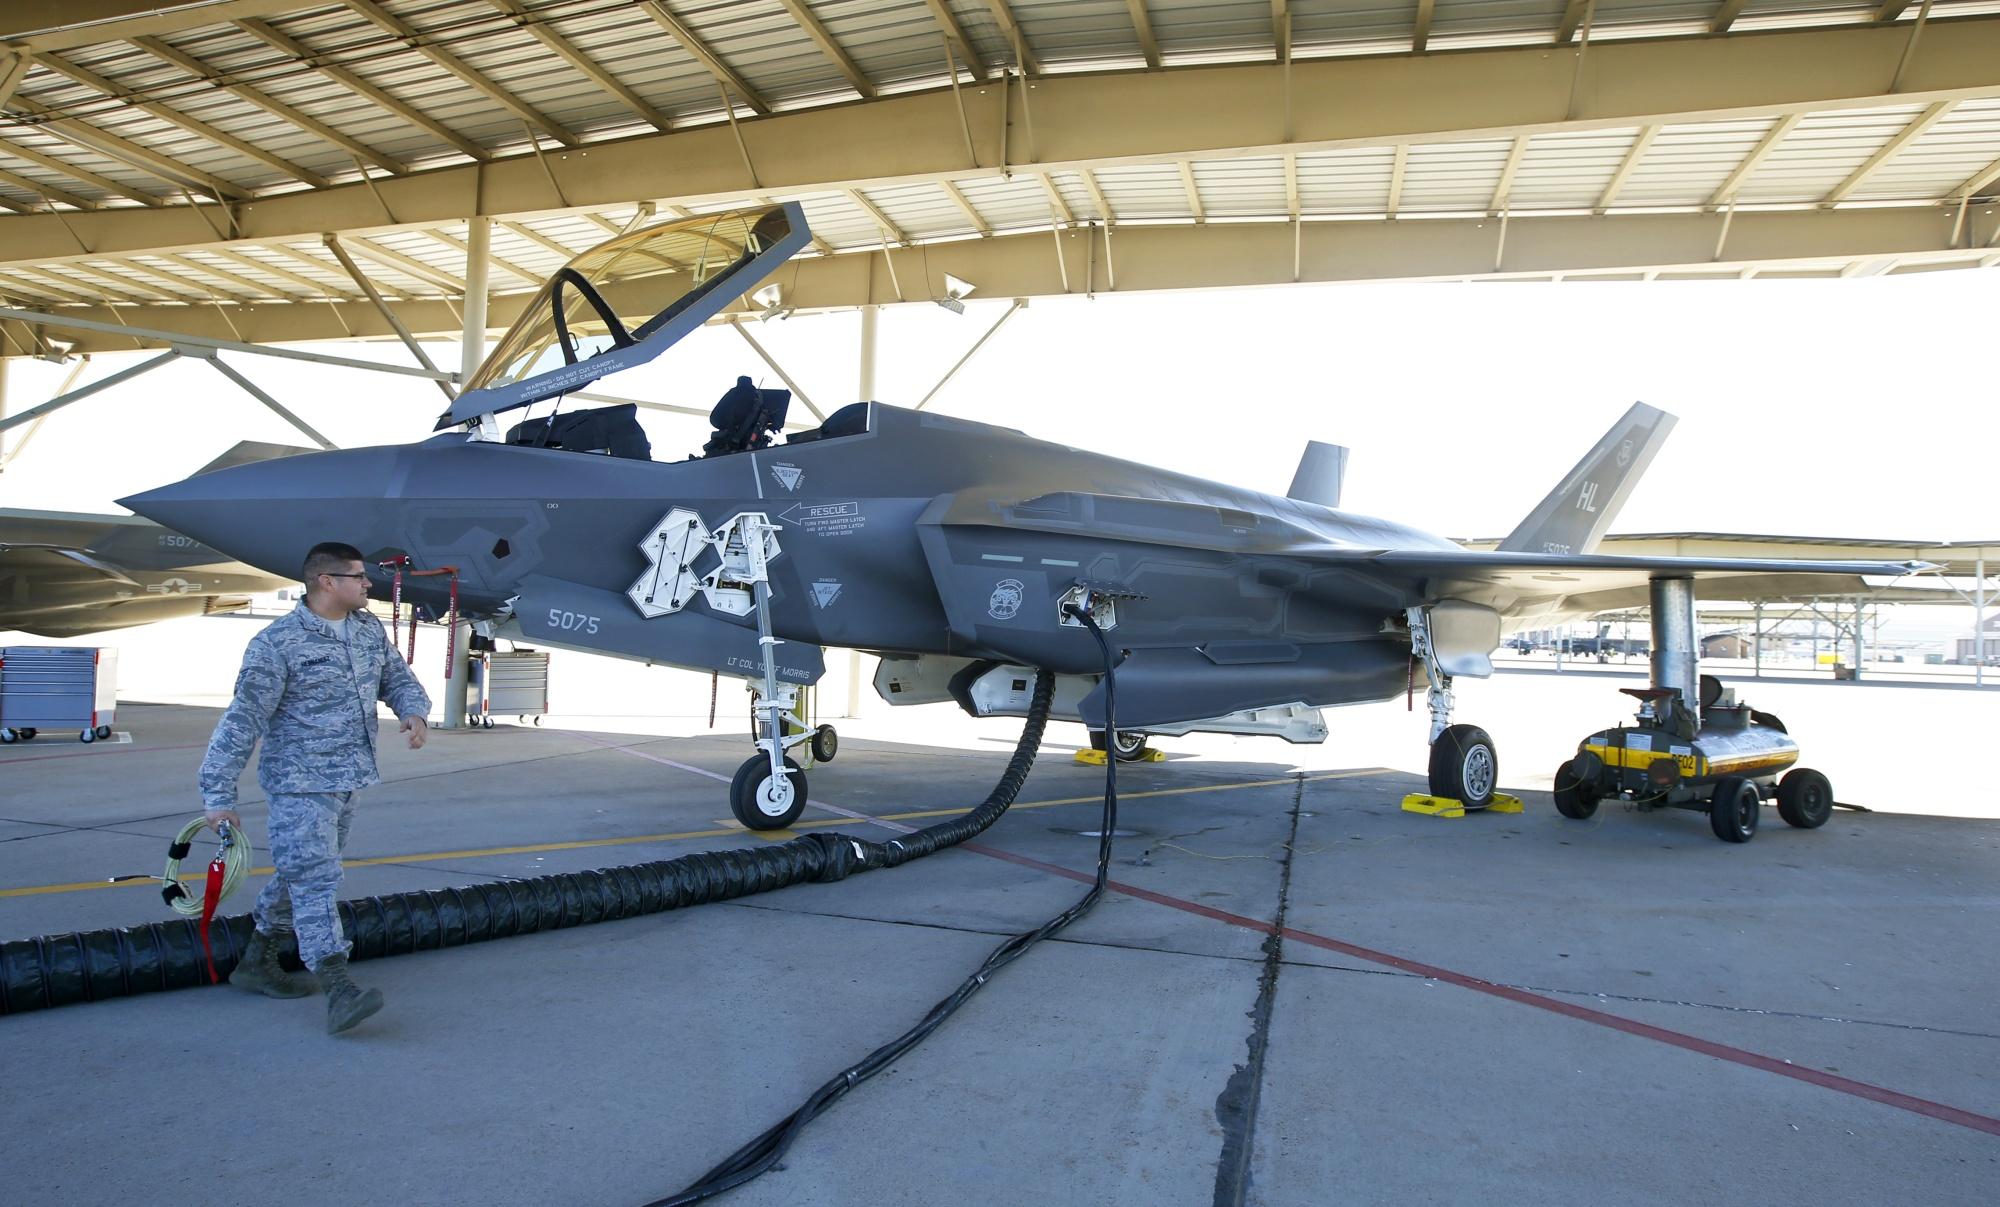 Les équipes de maintenance préparent un jet Lockheed Martin Corp. F-35 en Utah.